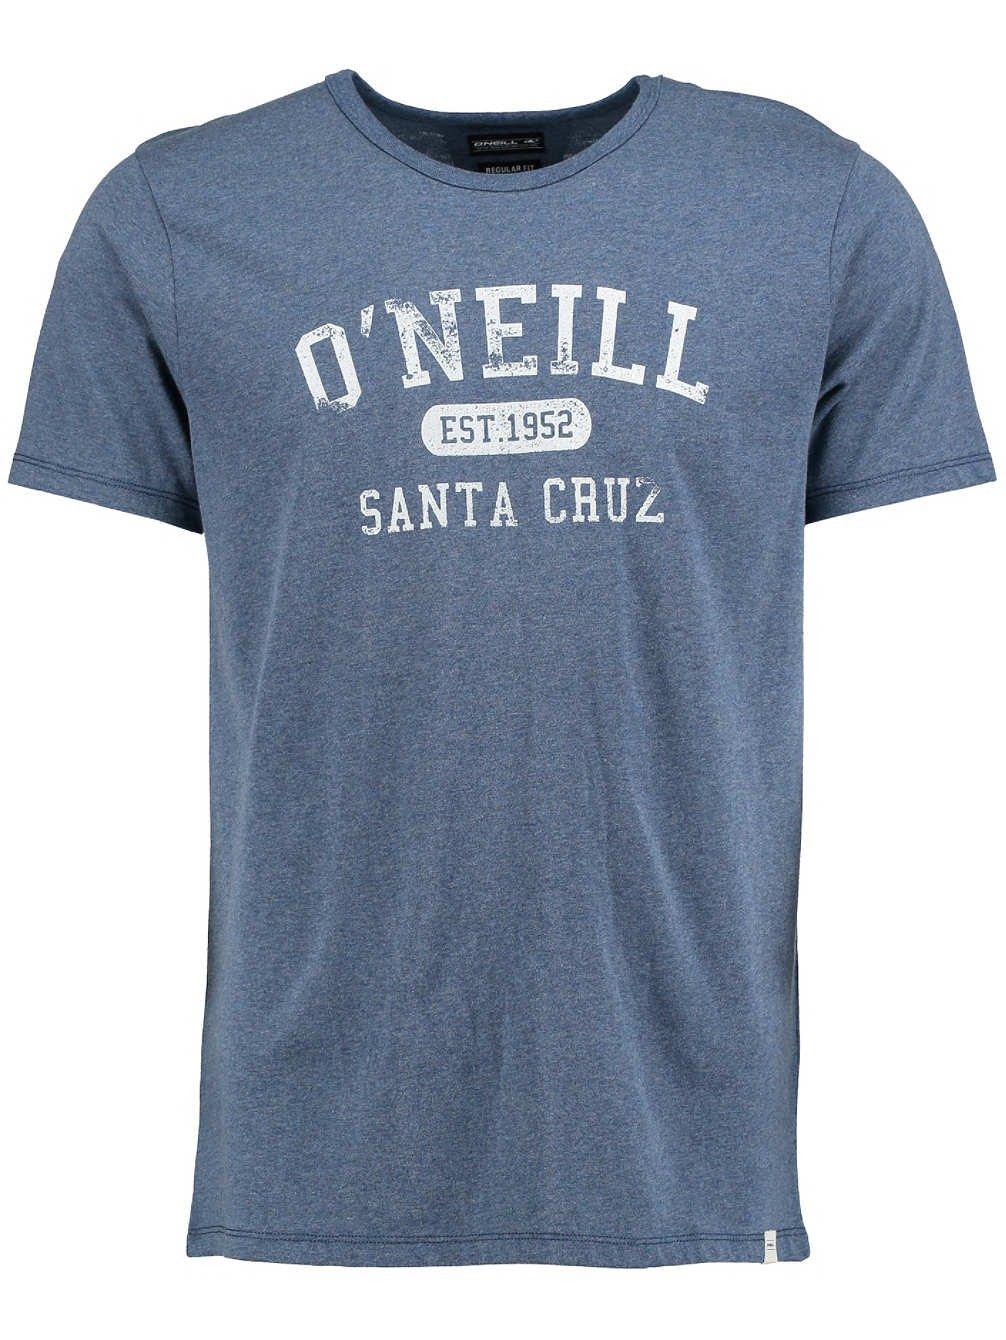 O'Neill men LM SANTA CRUZ MELANGE T-SHIRT,Tees S/SLV,True Navy,S,602346